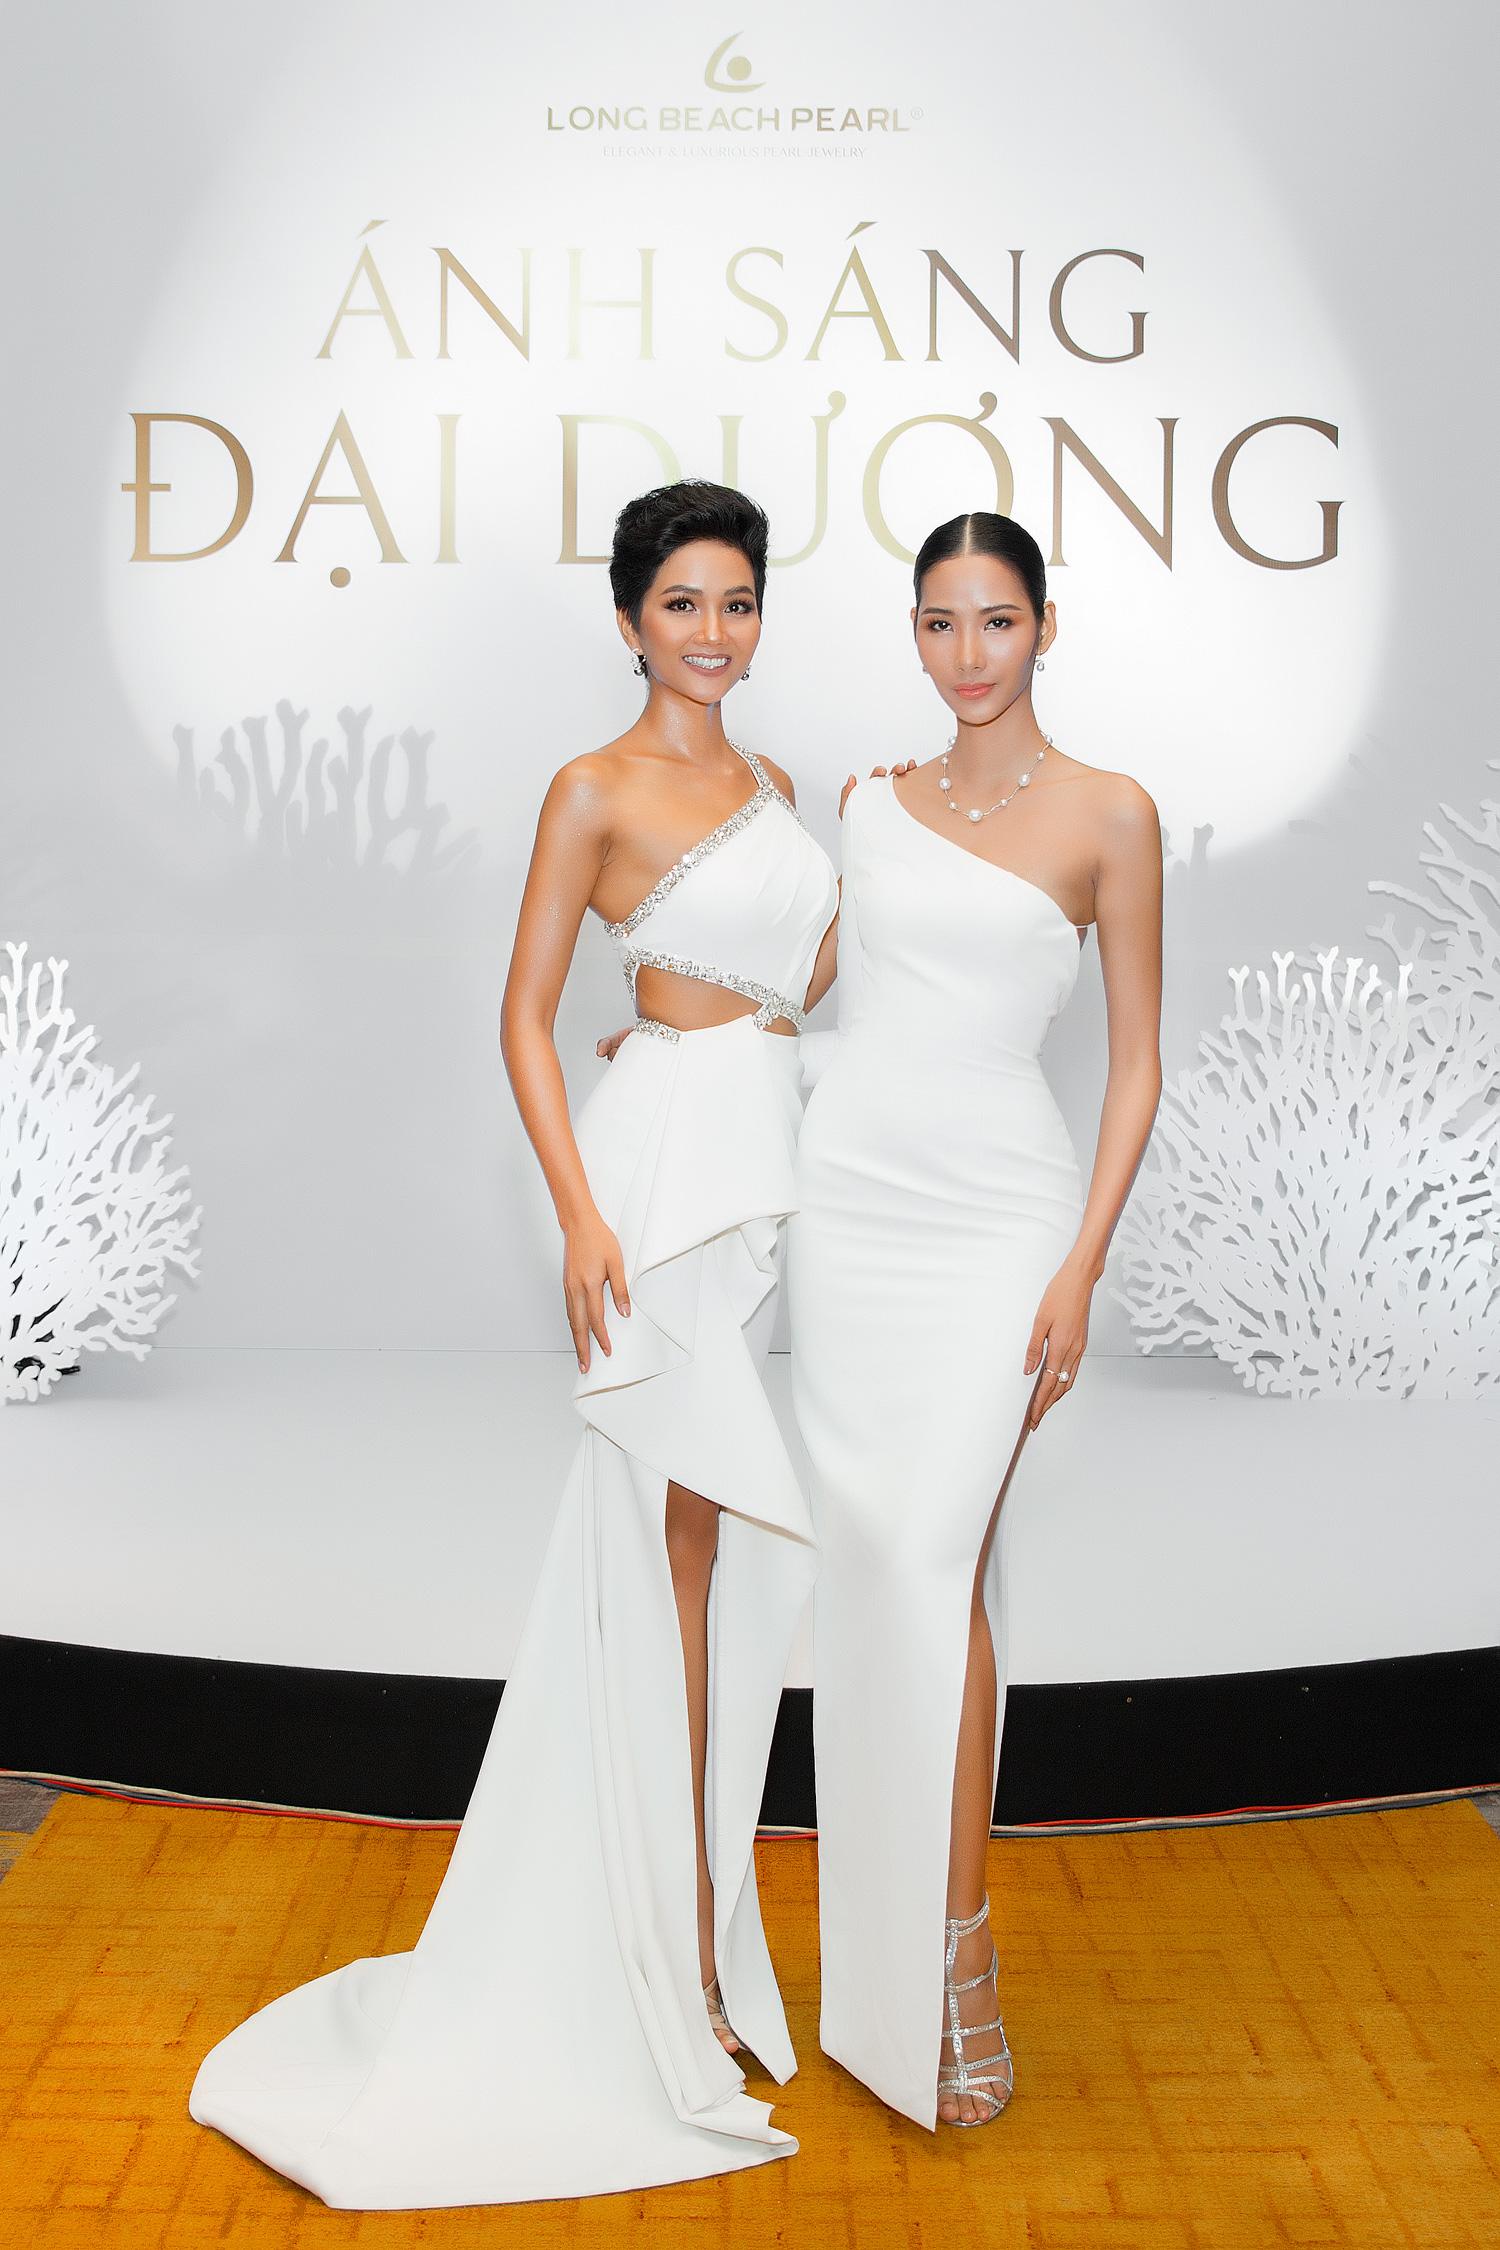 Diện cùng tông trắng, Hoa hậu H'Hen Niê và Á hậu Hoàng Thuỳ đẹp 'bất phân thắng bại'